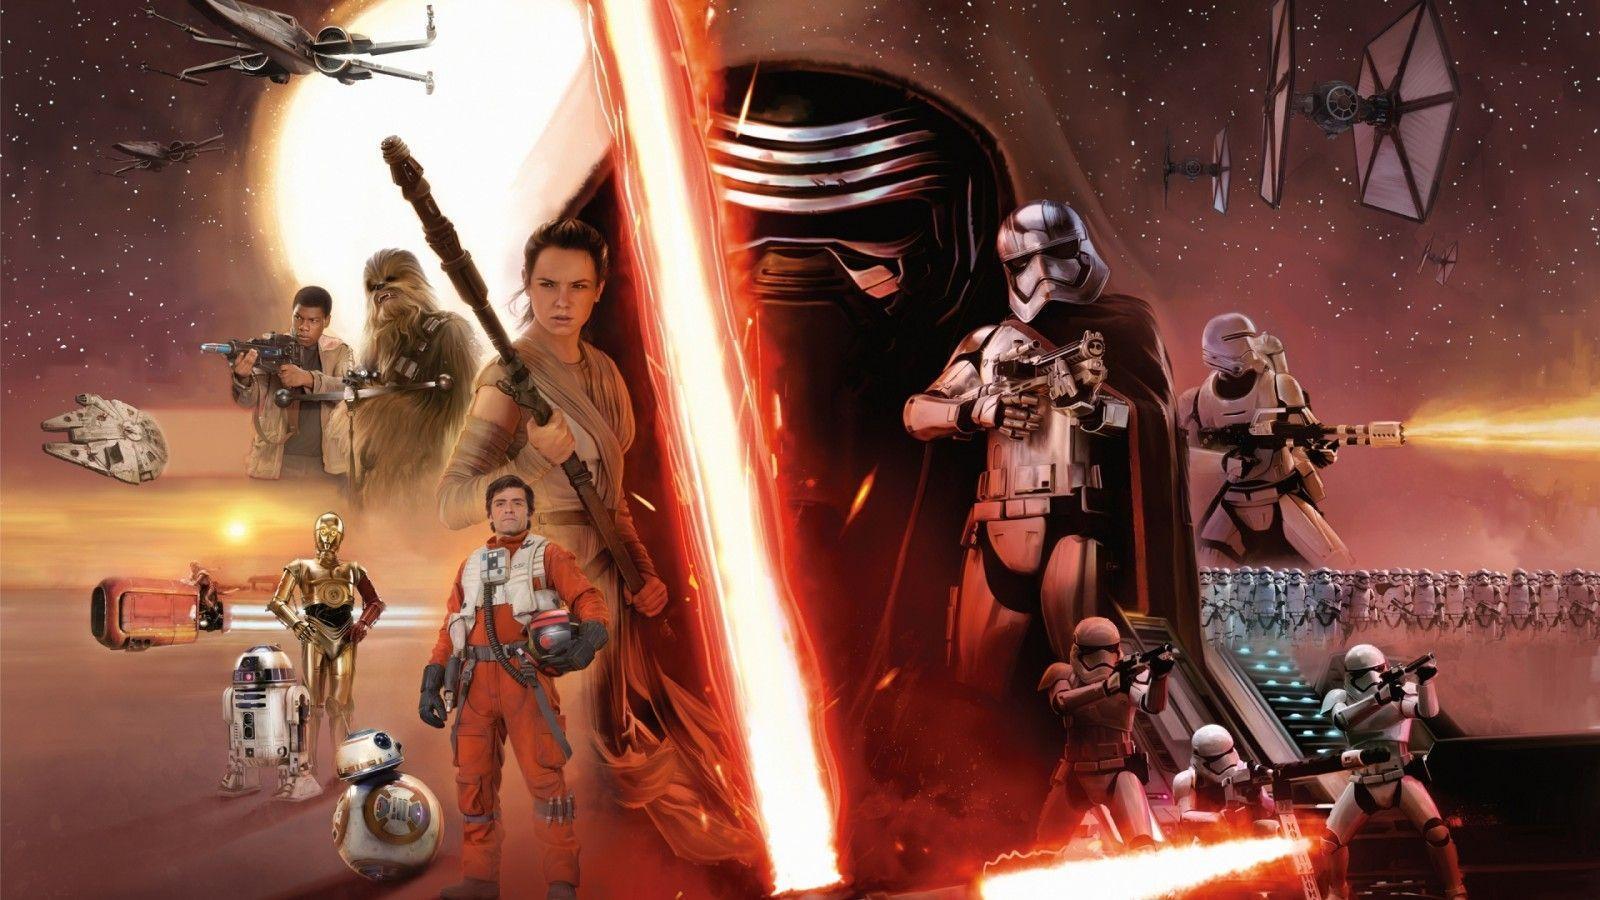 Star Wars Dual Screen Wallpaper For Desktop